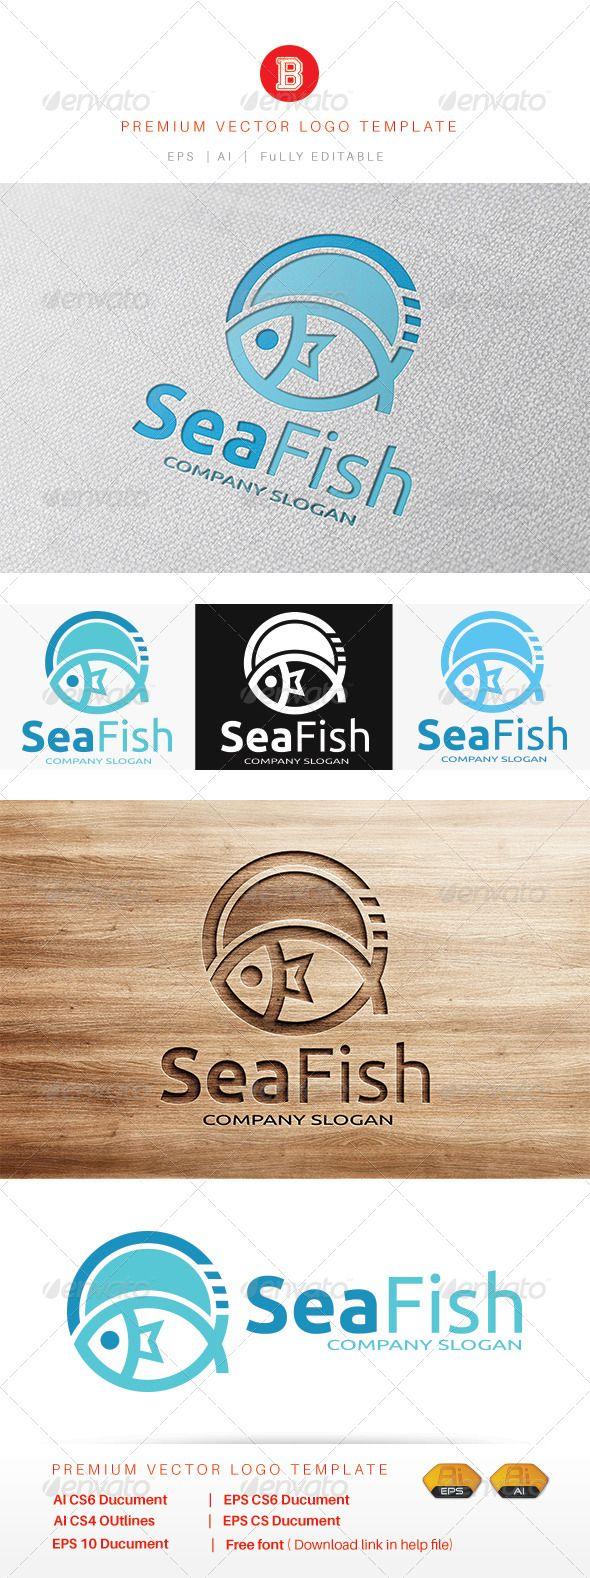 Sea Fish Fish logo